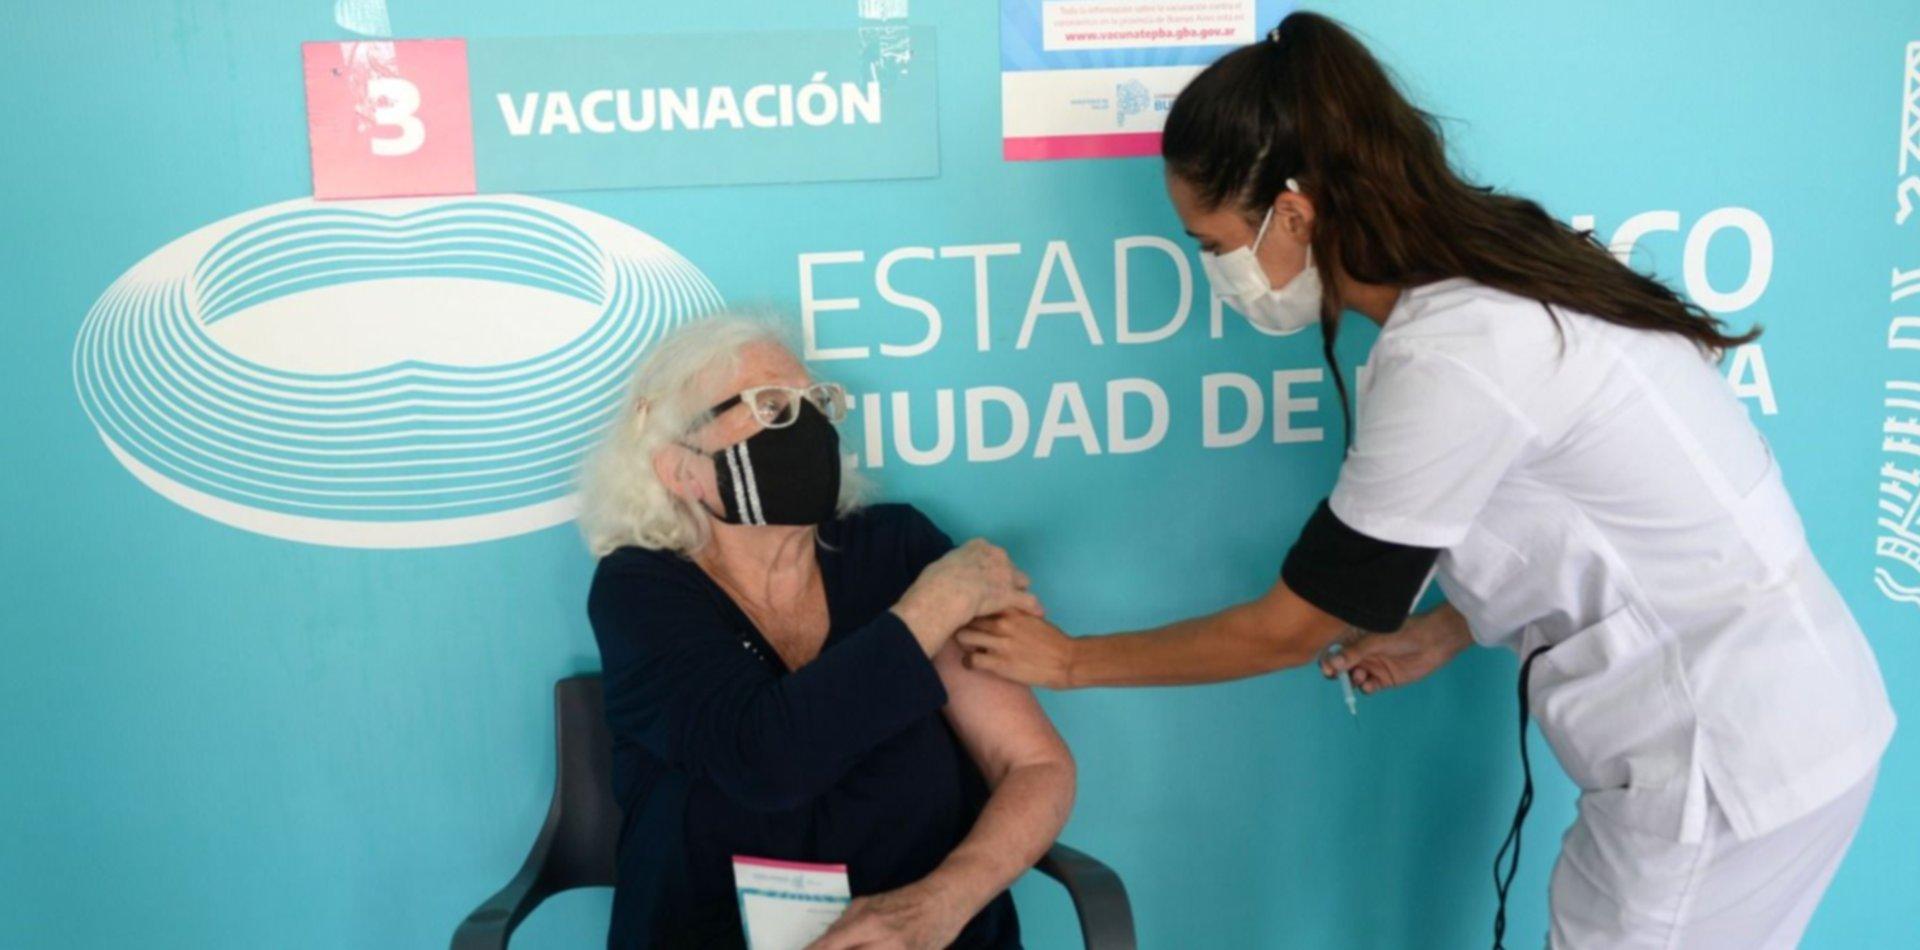 Más de 9 millones de personas en la provincia ya fueron vacunadas